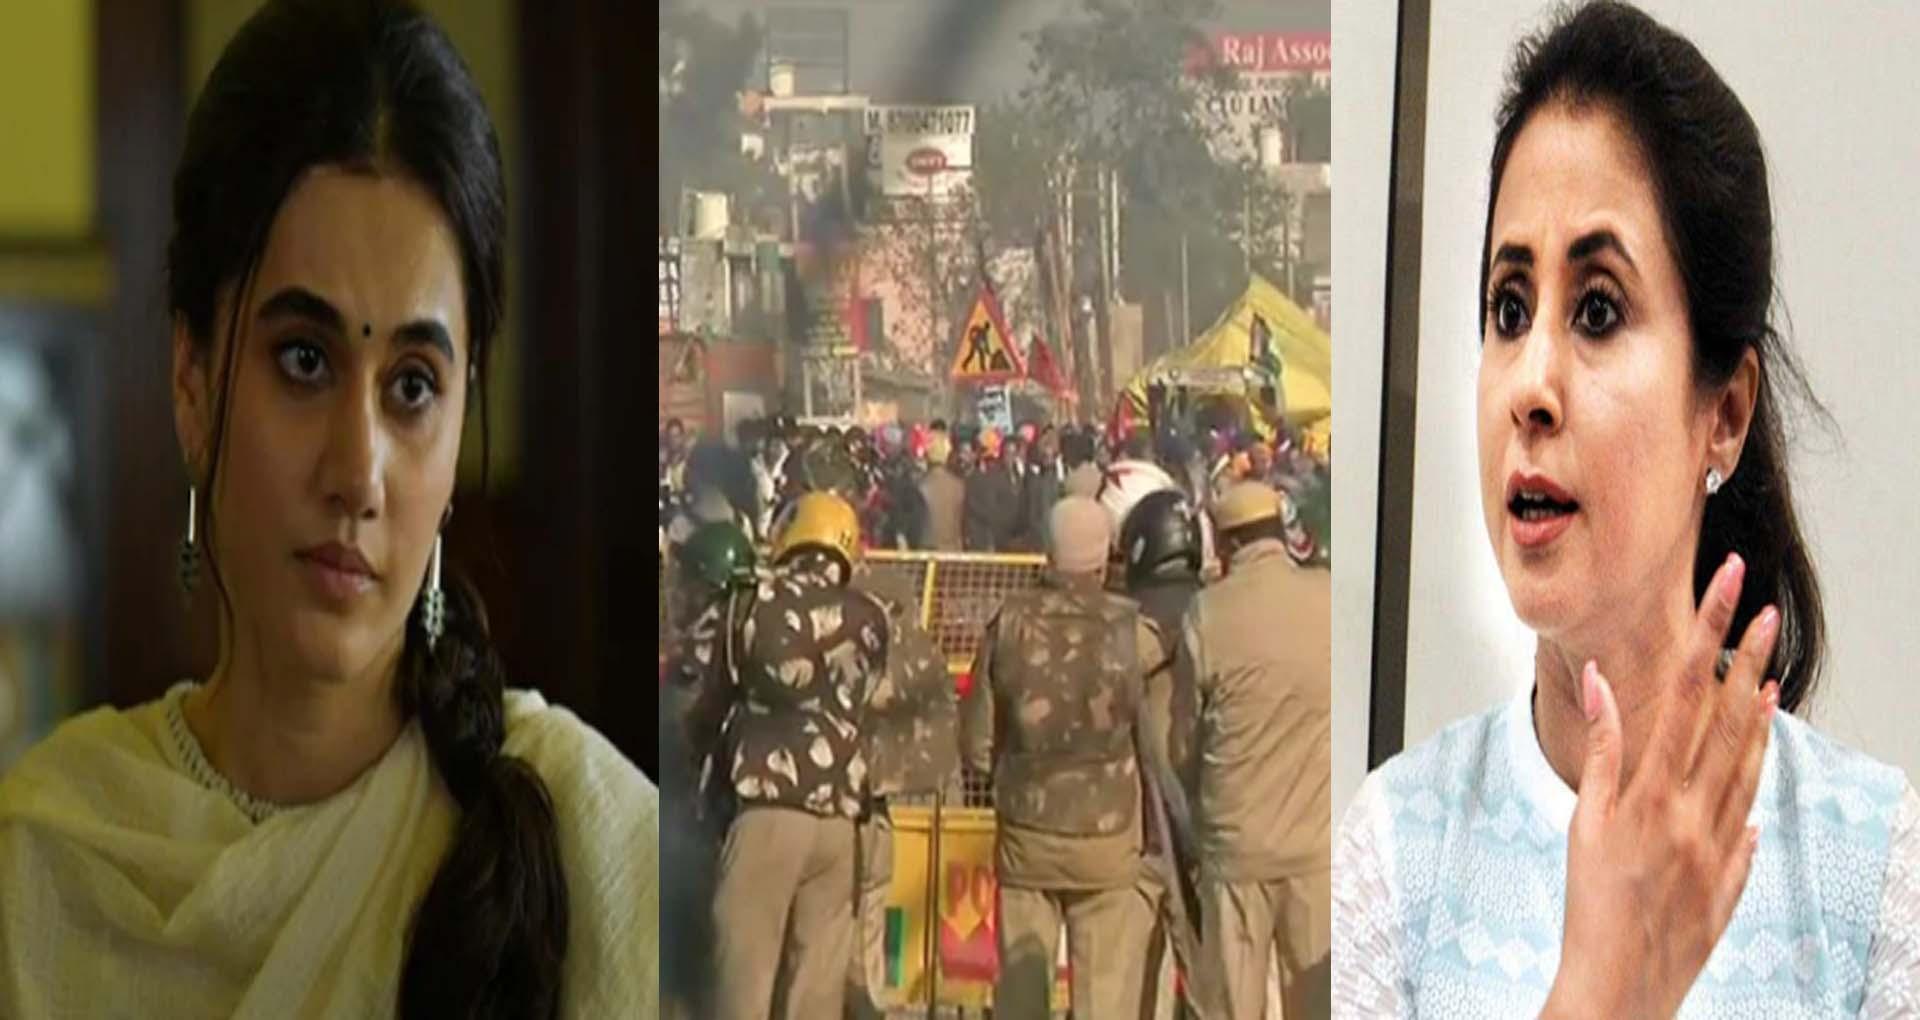 Farmer Protest: किसानों के प्रदर्शन पर बॉलीवुड सेलेब्स ने दिया कुछ ऐसा रिएक्शन, जानें क्या कहा?